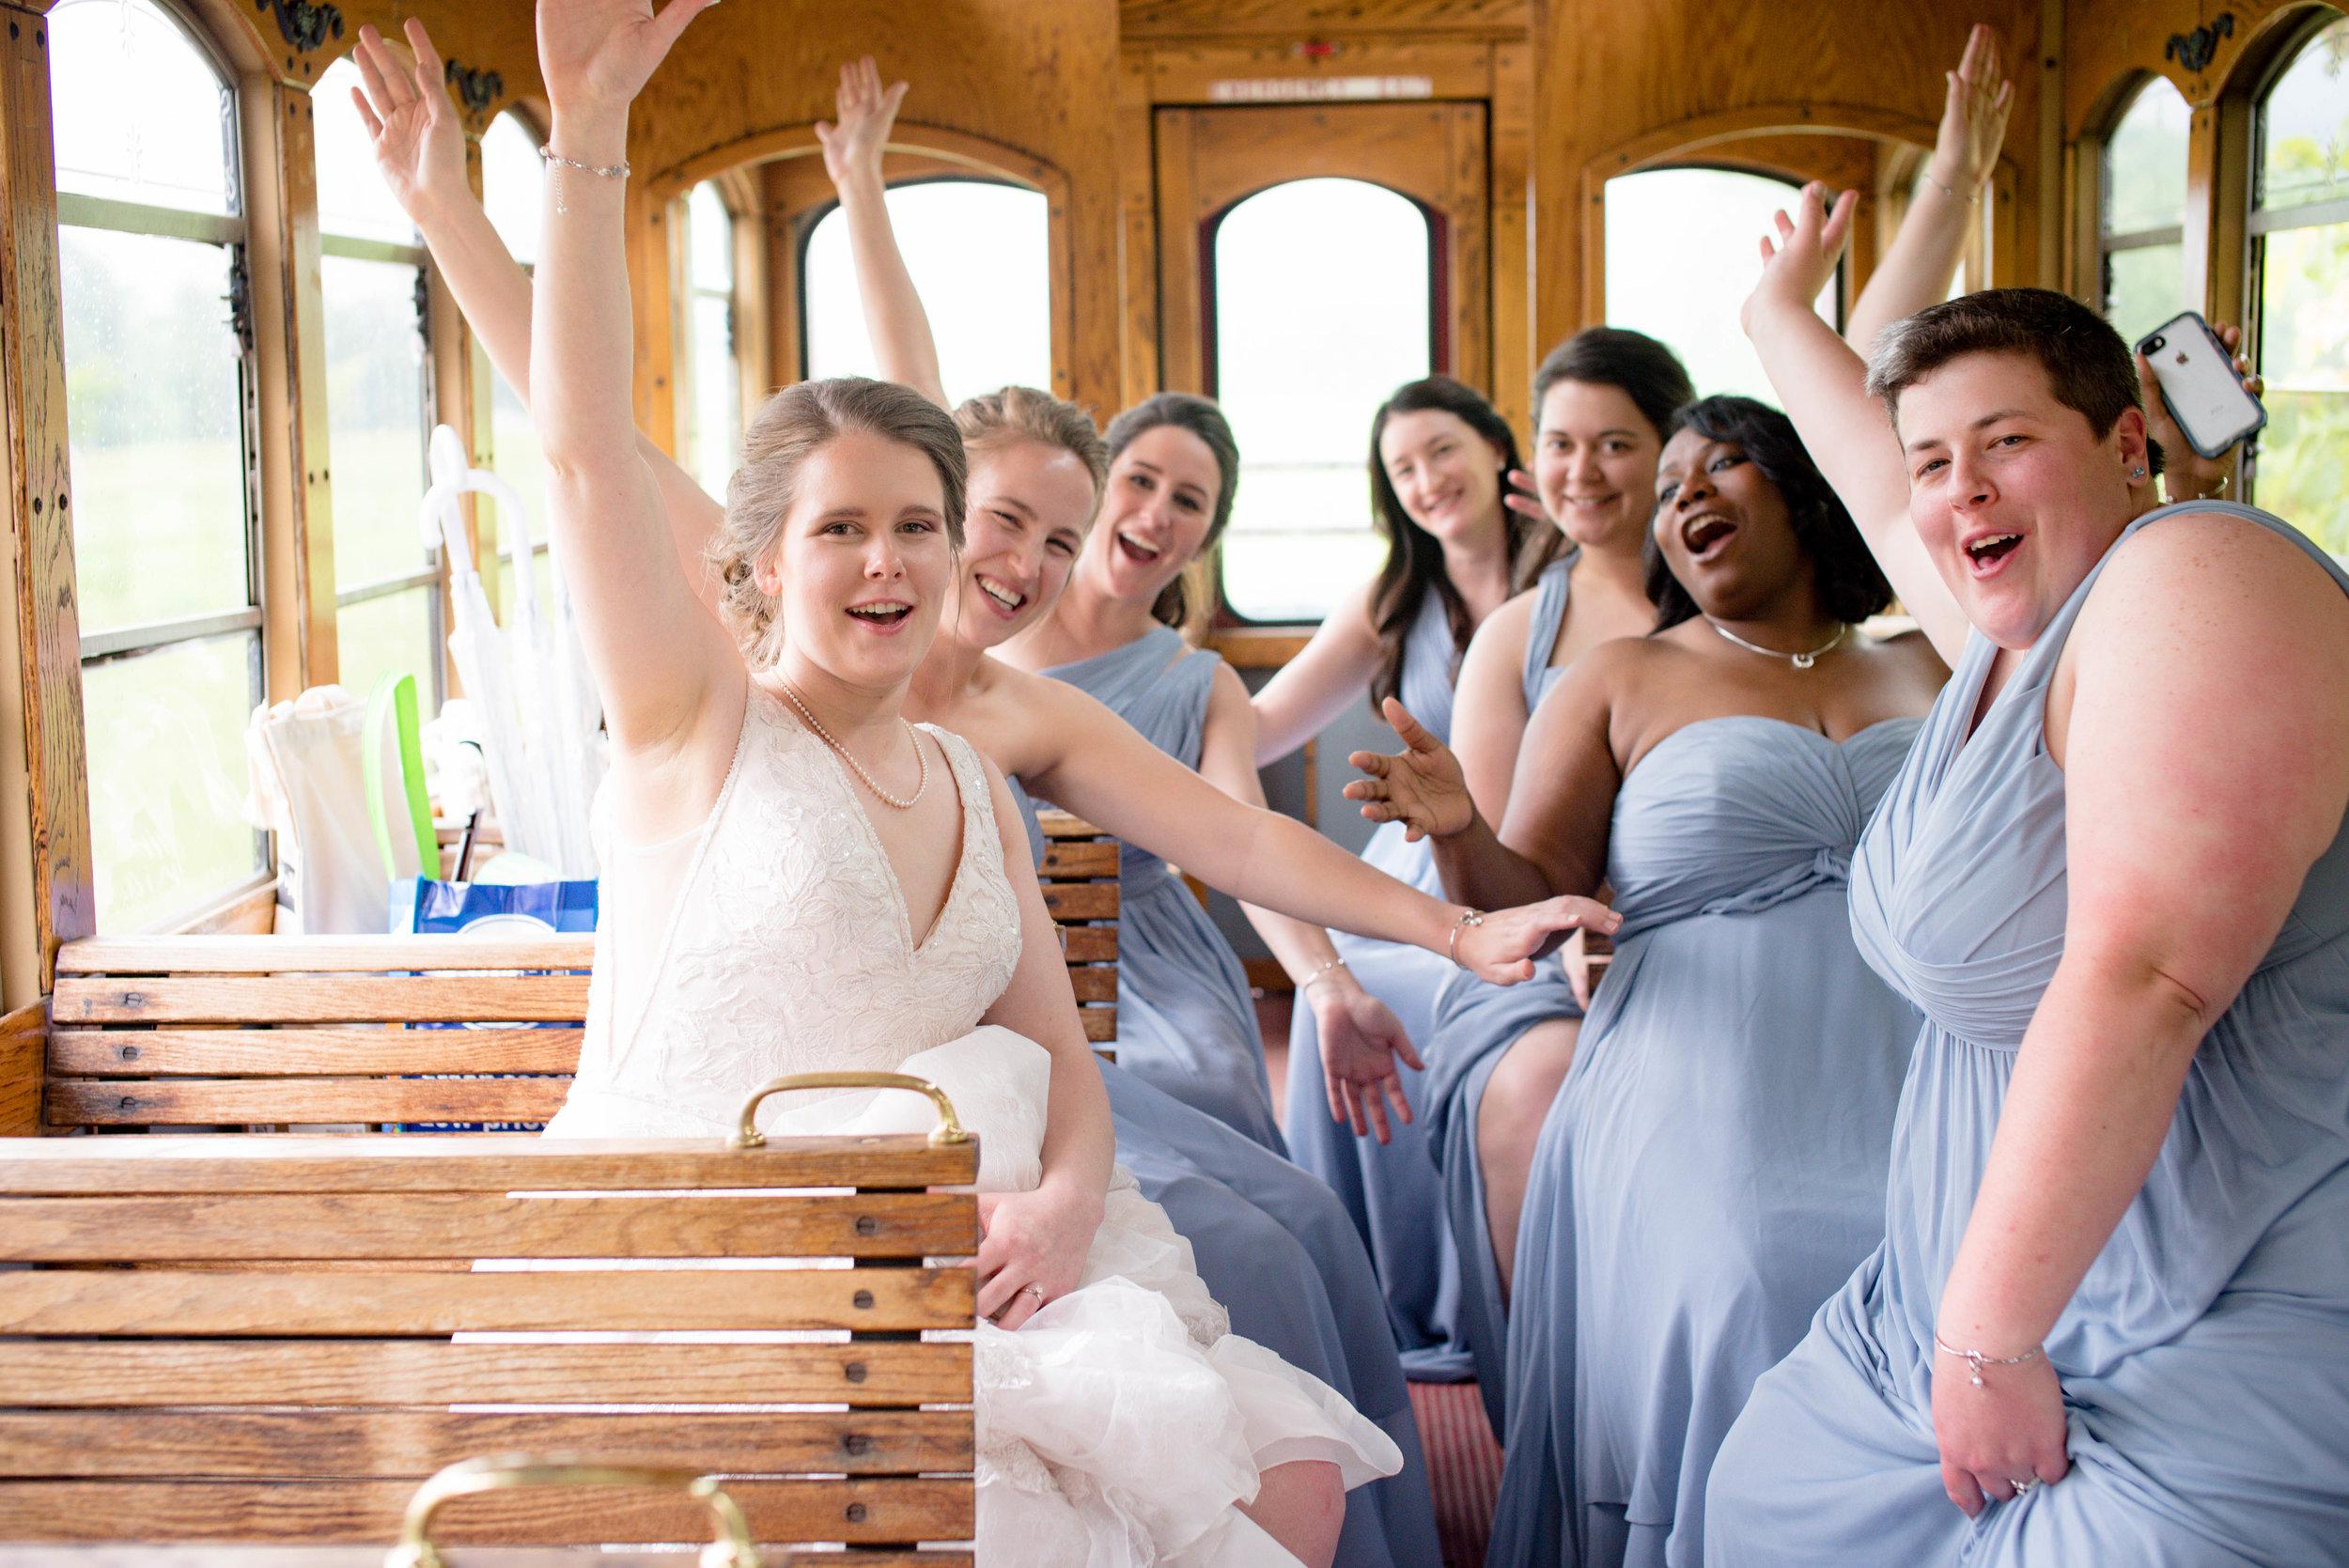 blue-ridge-wedding-ashley-nicole-photography-restoration-hall-crozetphotography-restorationhall-charlottesville-wedding_xgettingready-82.jpg